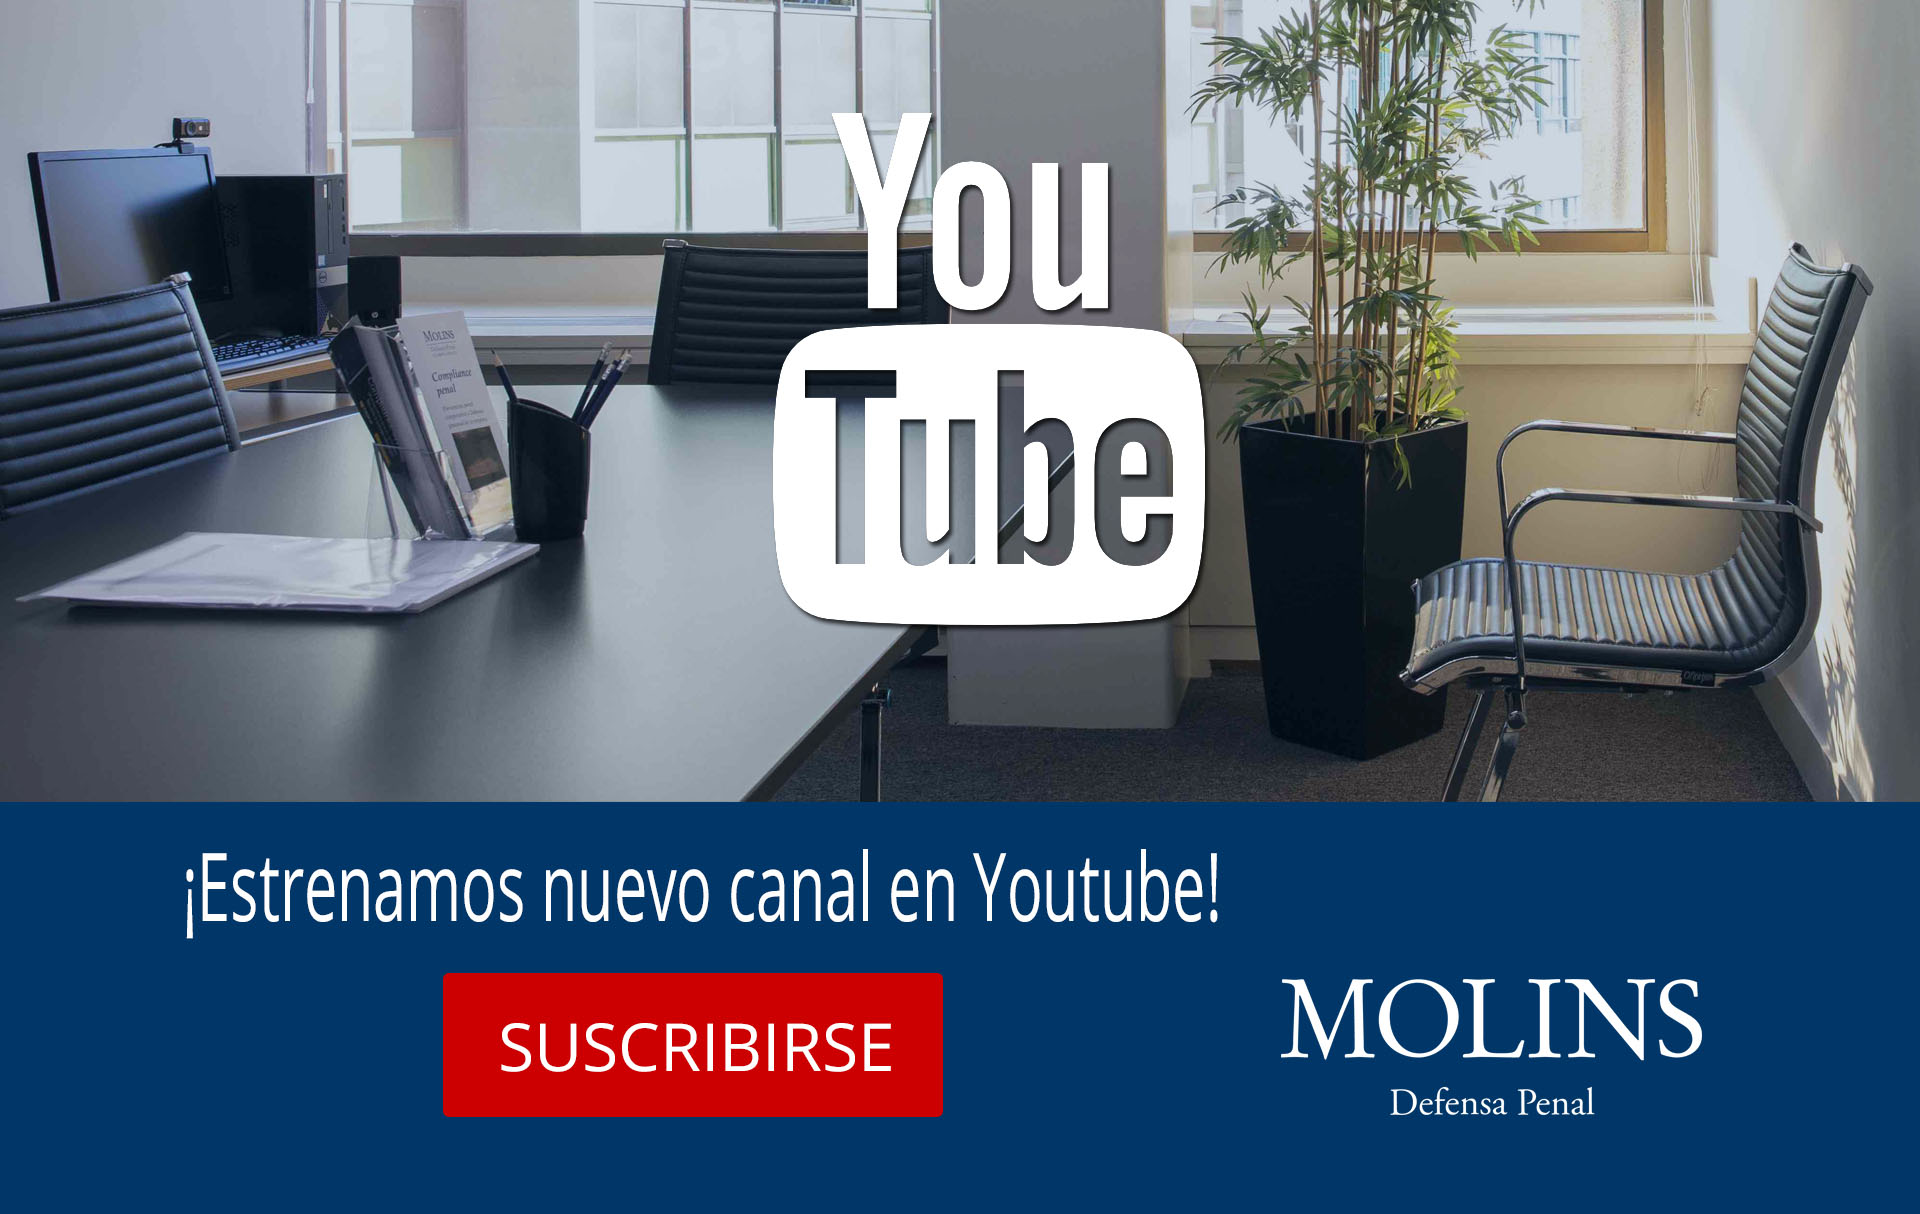 Canal de Youtube en Molins Defensa Penal